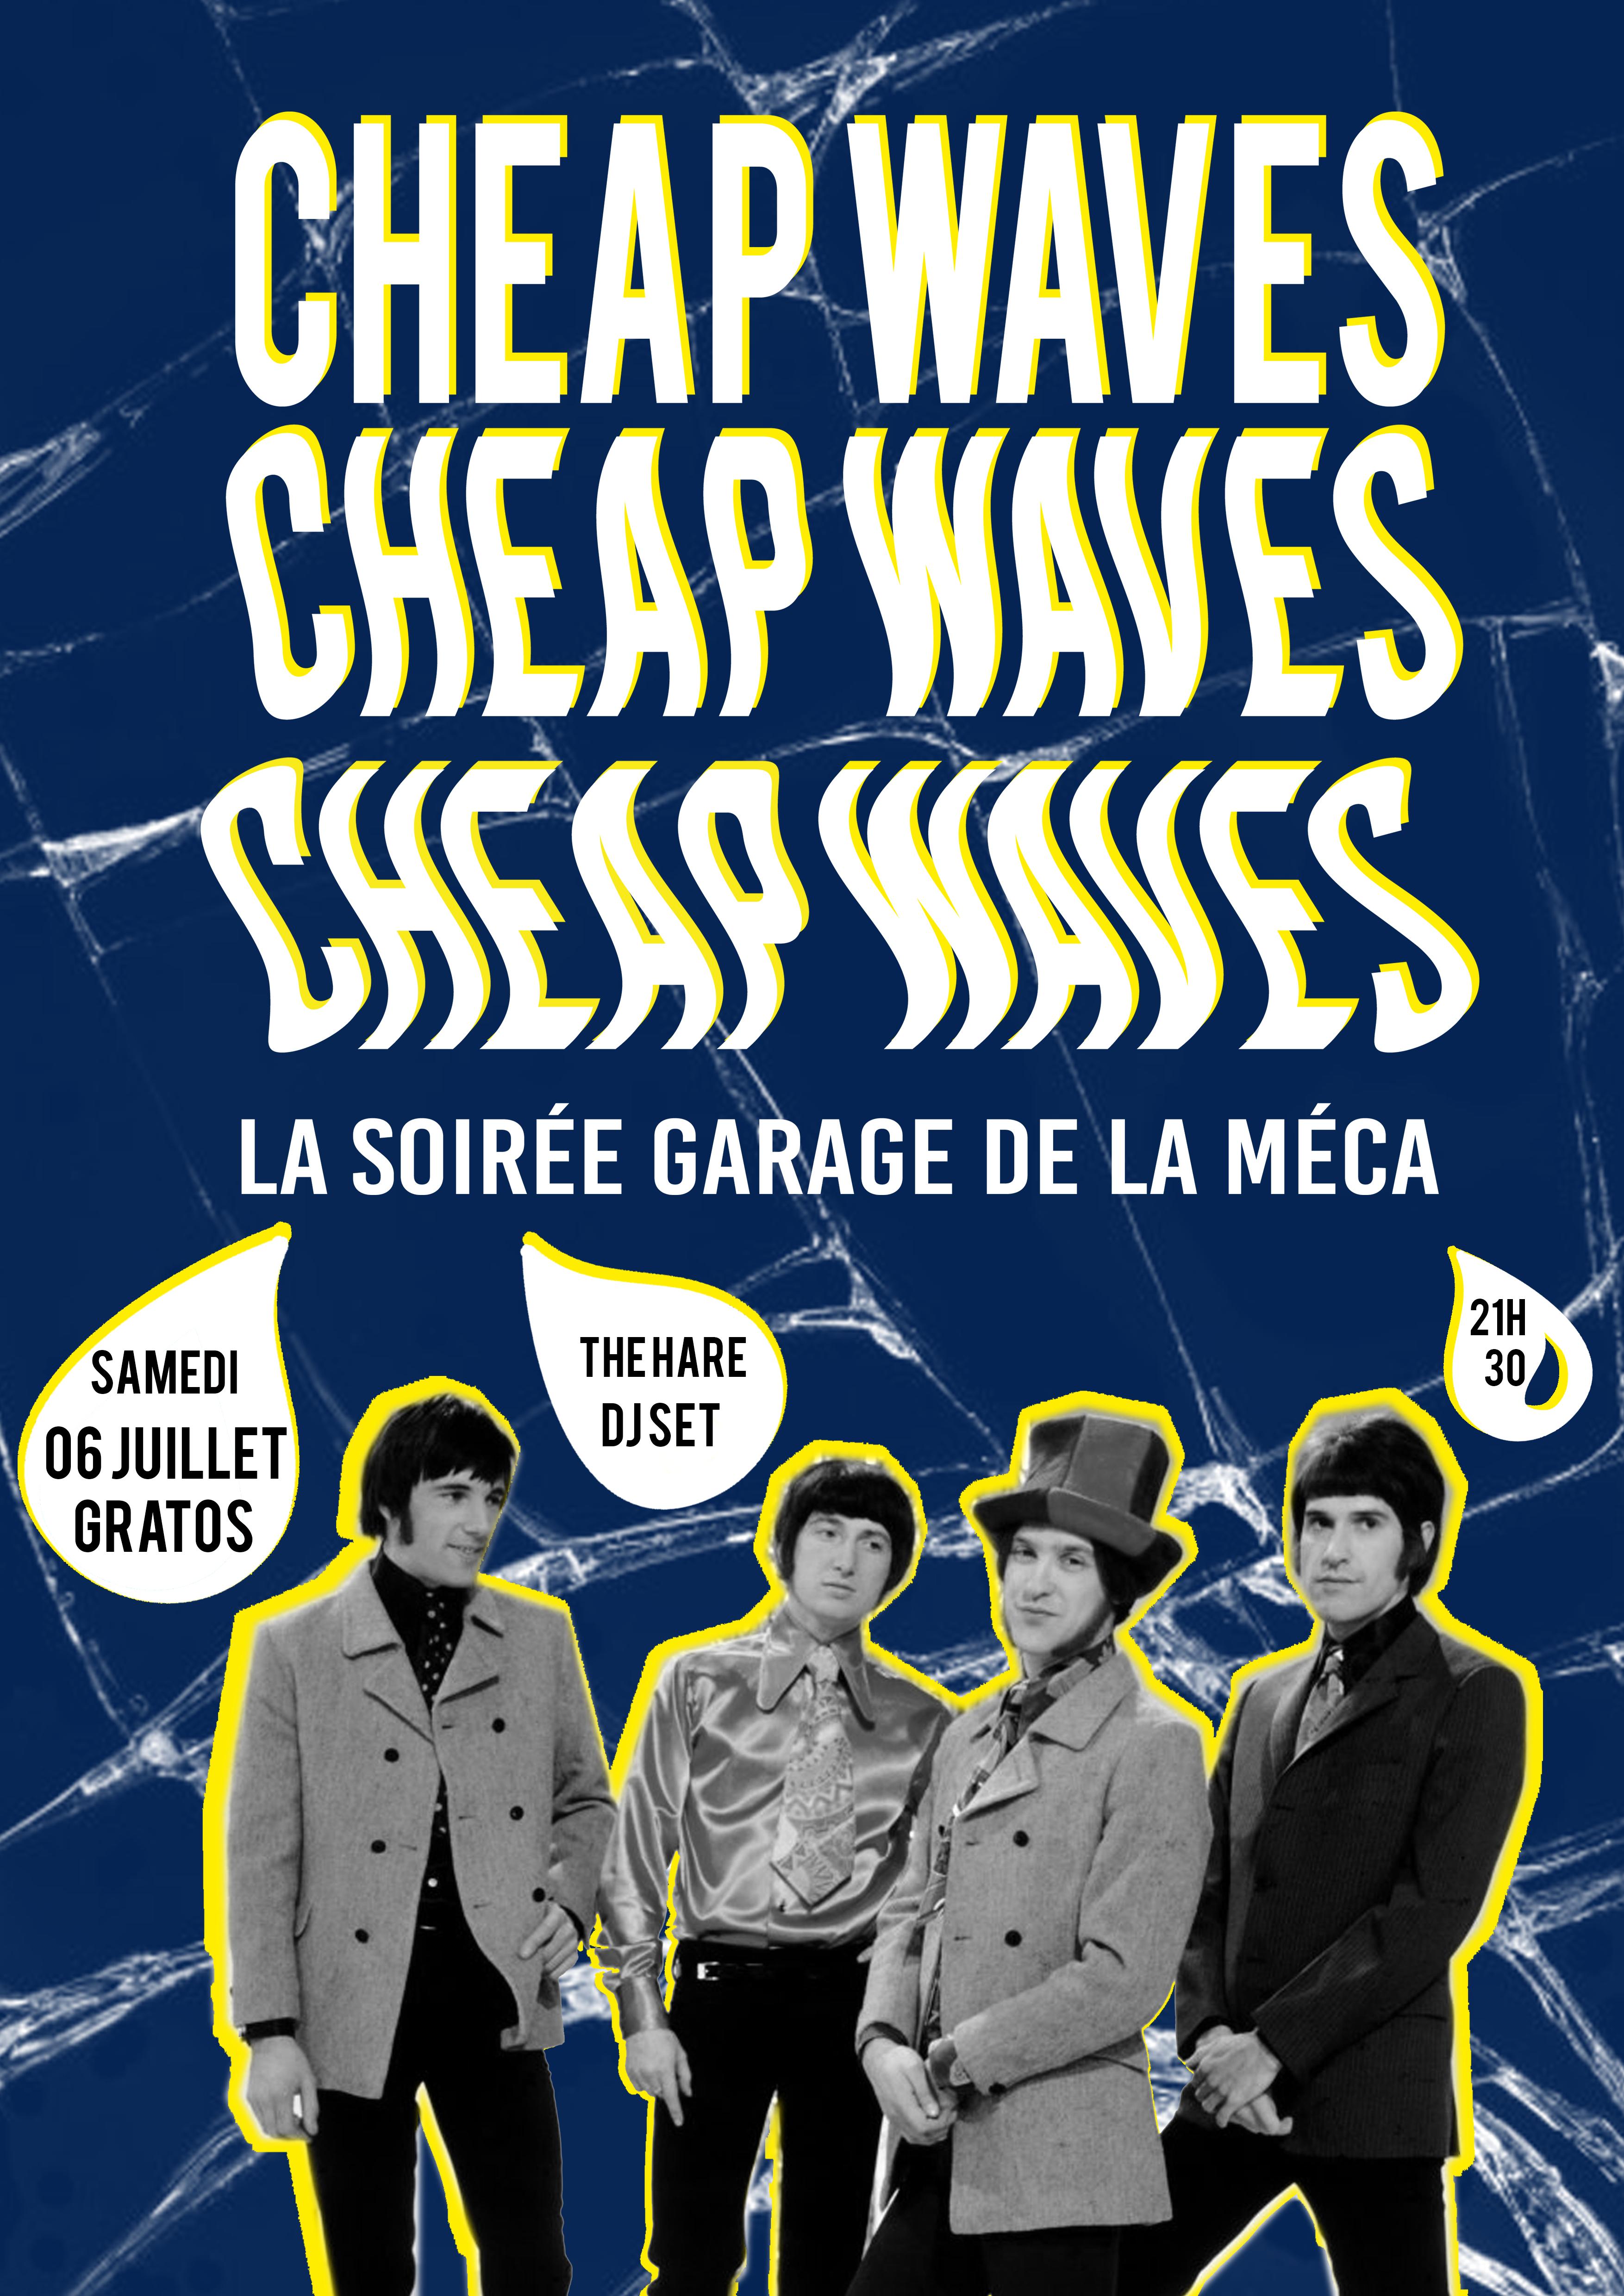 Cheap Waves #2 // 06.07